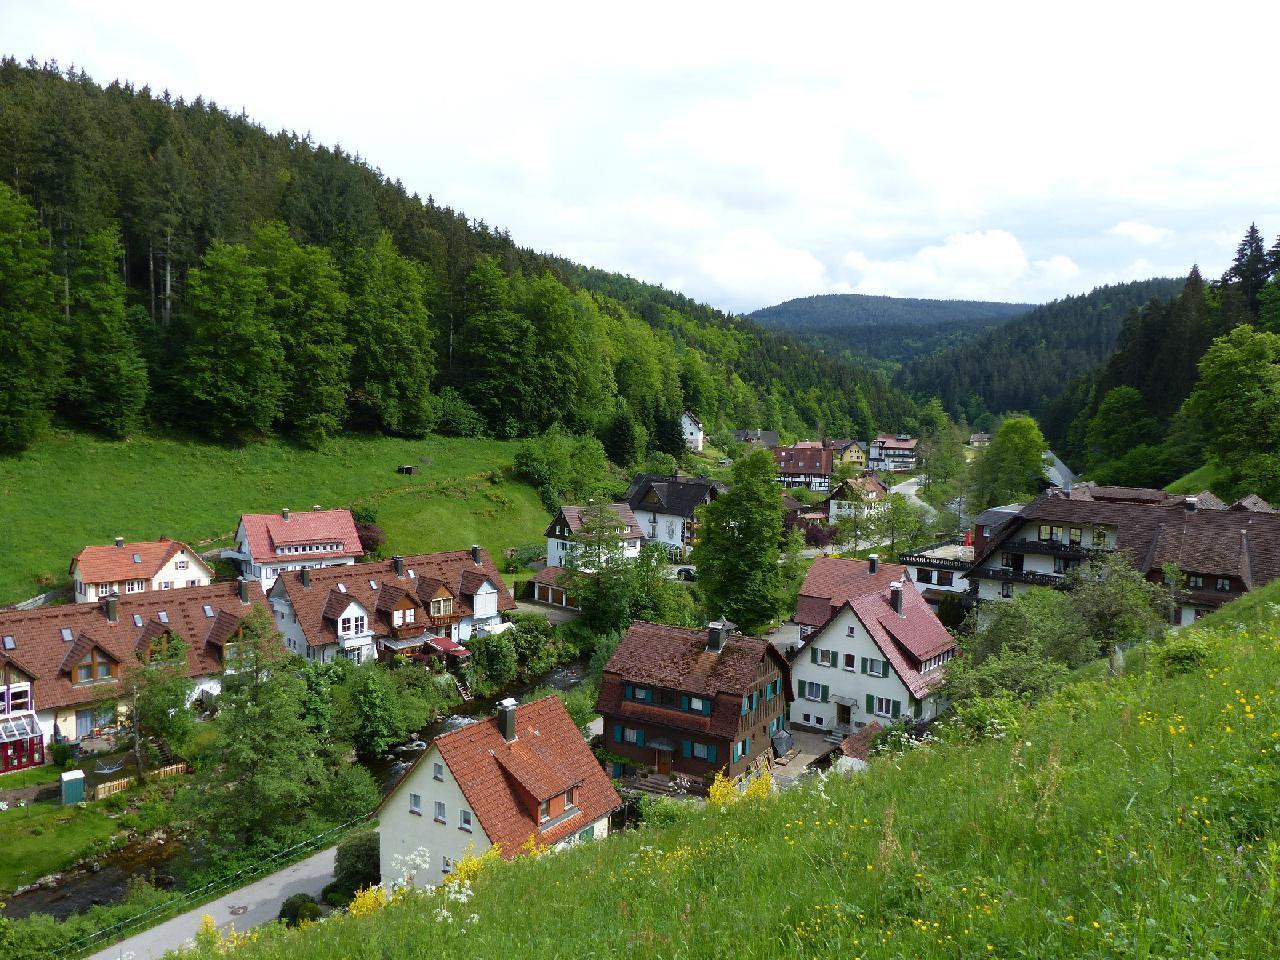 Ferienwohnung Morgensonne im Schwarzwald (146349), Baiersbronn, Schwarzwald, Baden-Württemberg, Deutschland, Bild 22